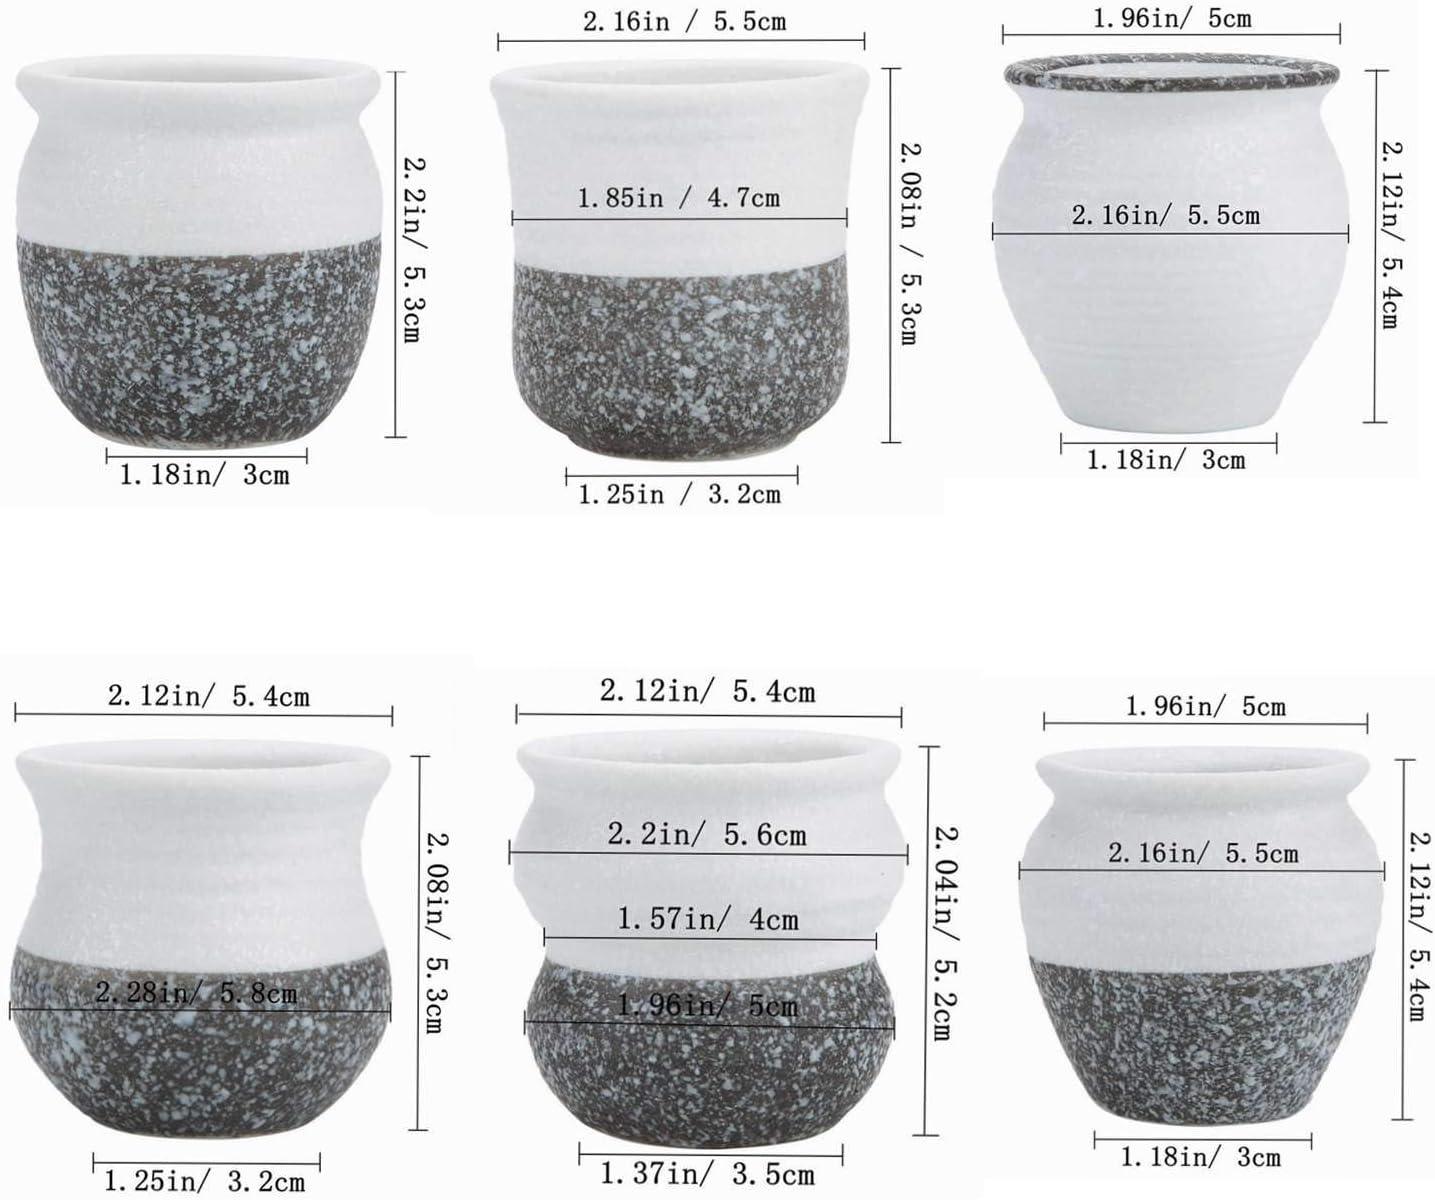 T4U Conjunto de 6 Juego de cer/ámica Mini Corea Estilo Snow Serial Juego Completo Cer/ámicos Planta Maceta Suculento Cactus Planta Maceta Planta Contenedor Vivero Macetas de jard/ín Macetas Envase